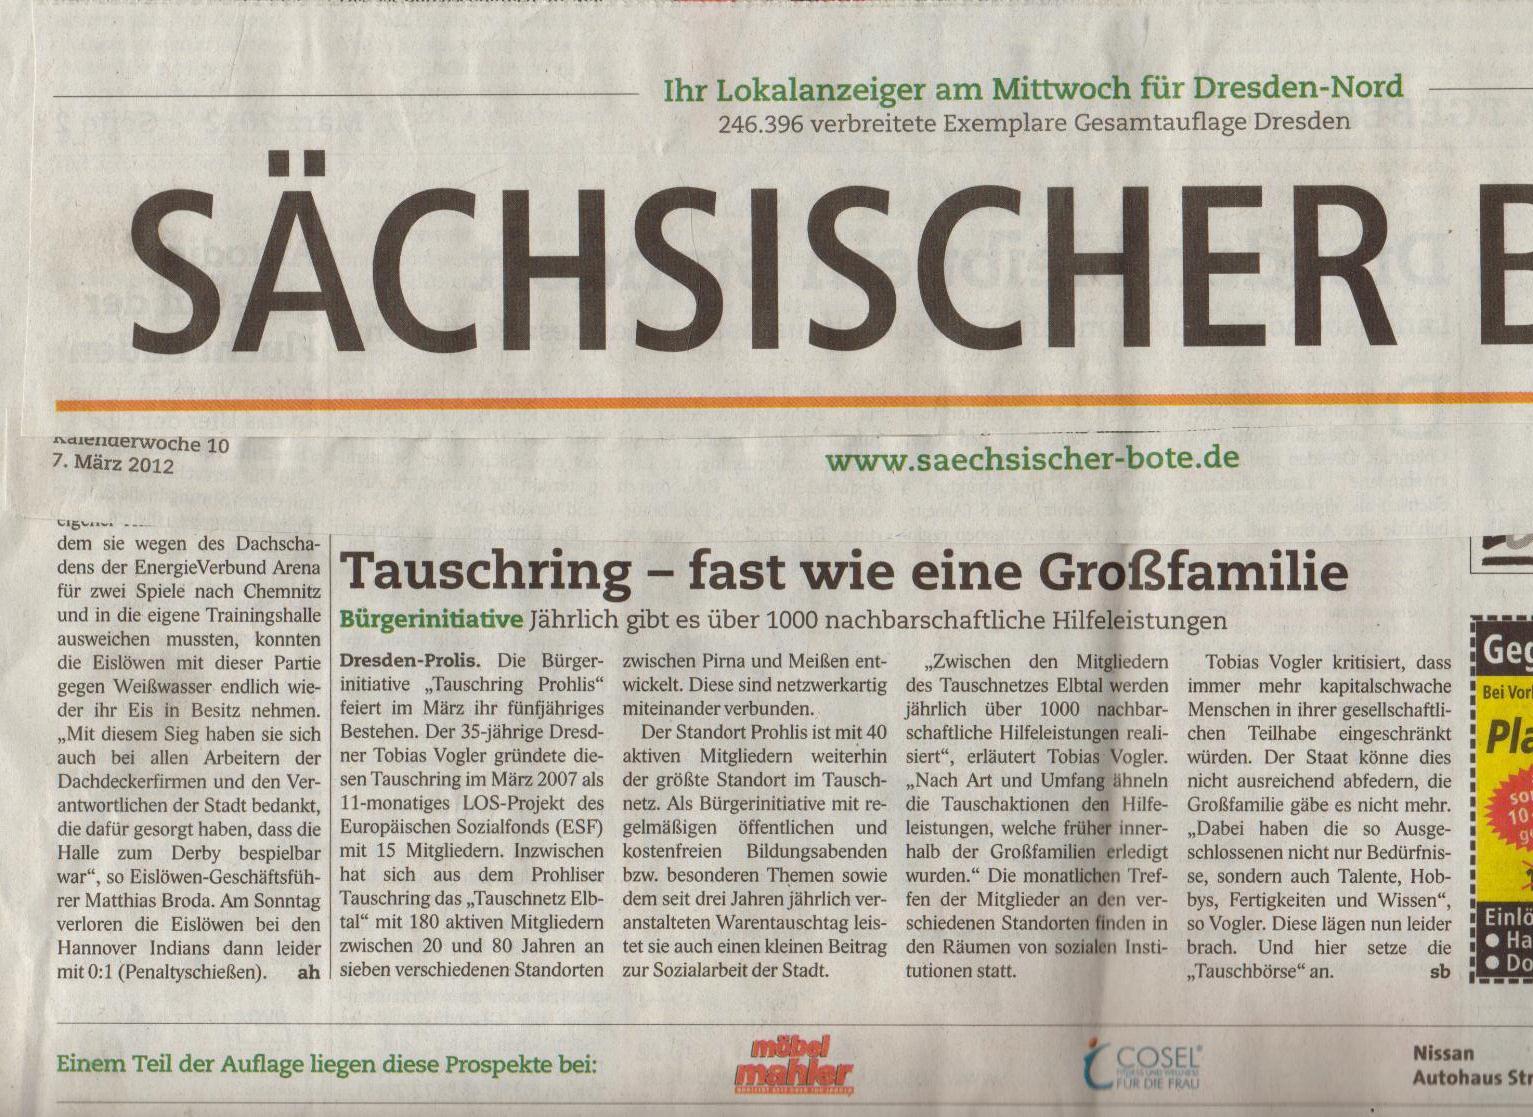 März 2007 Artikel Sächsischer Bote